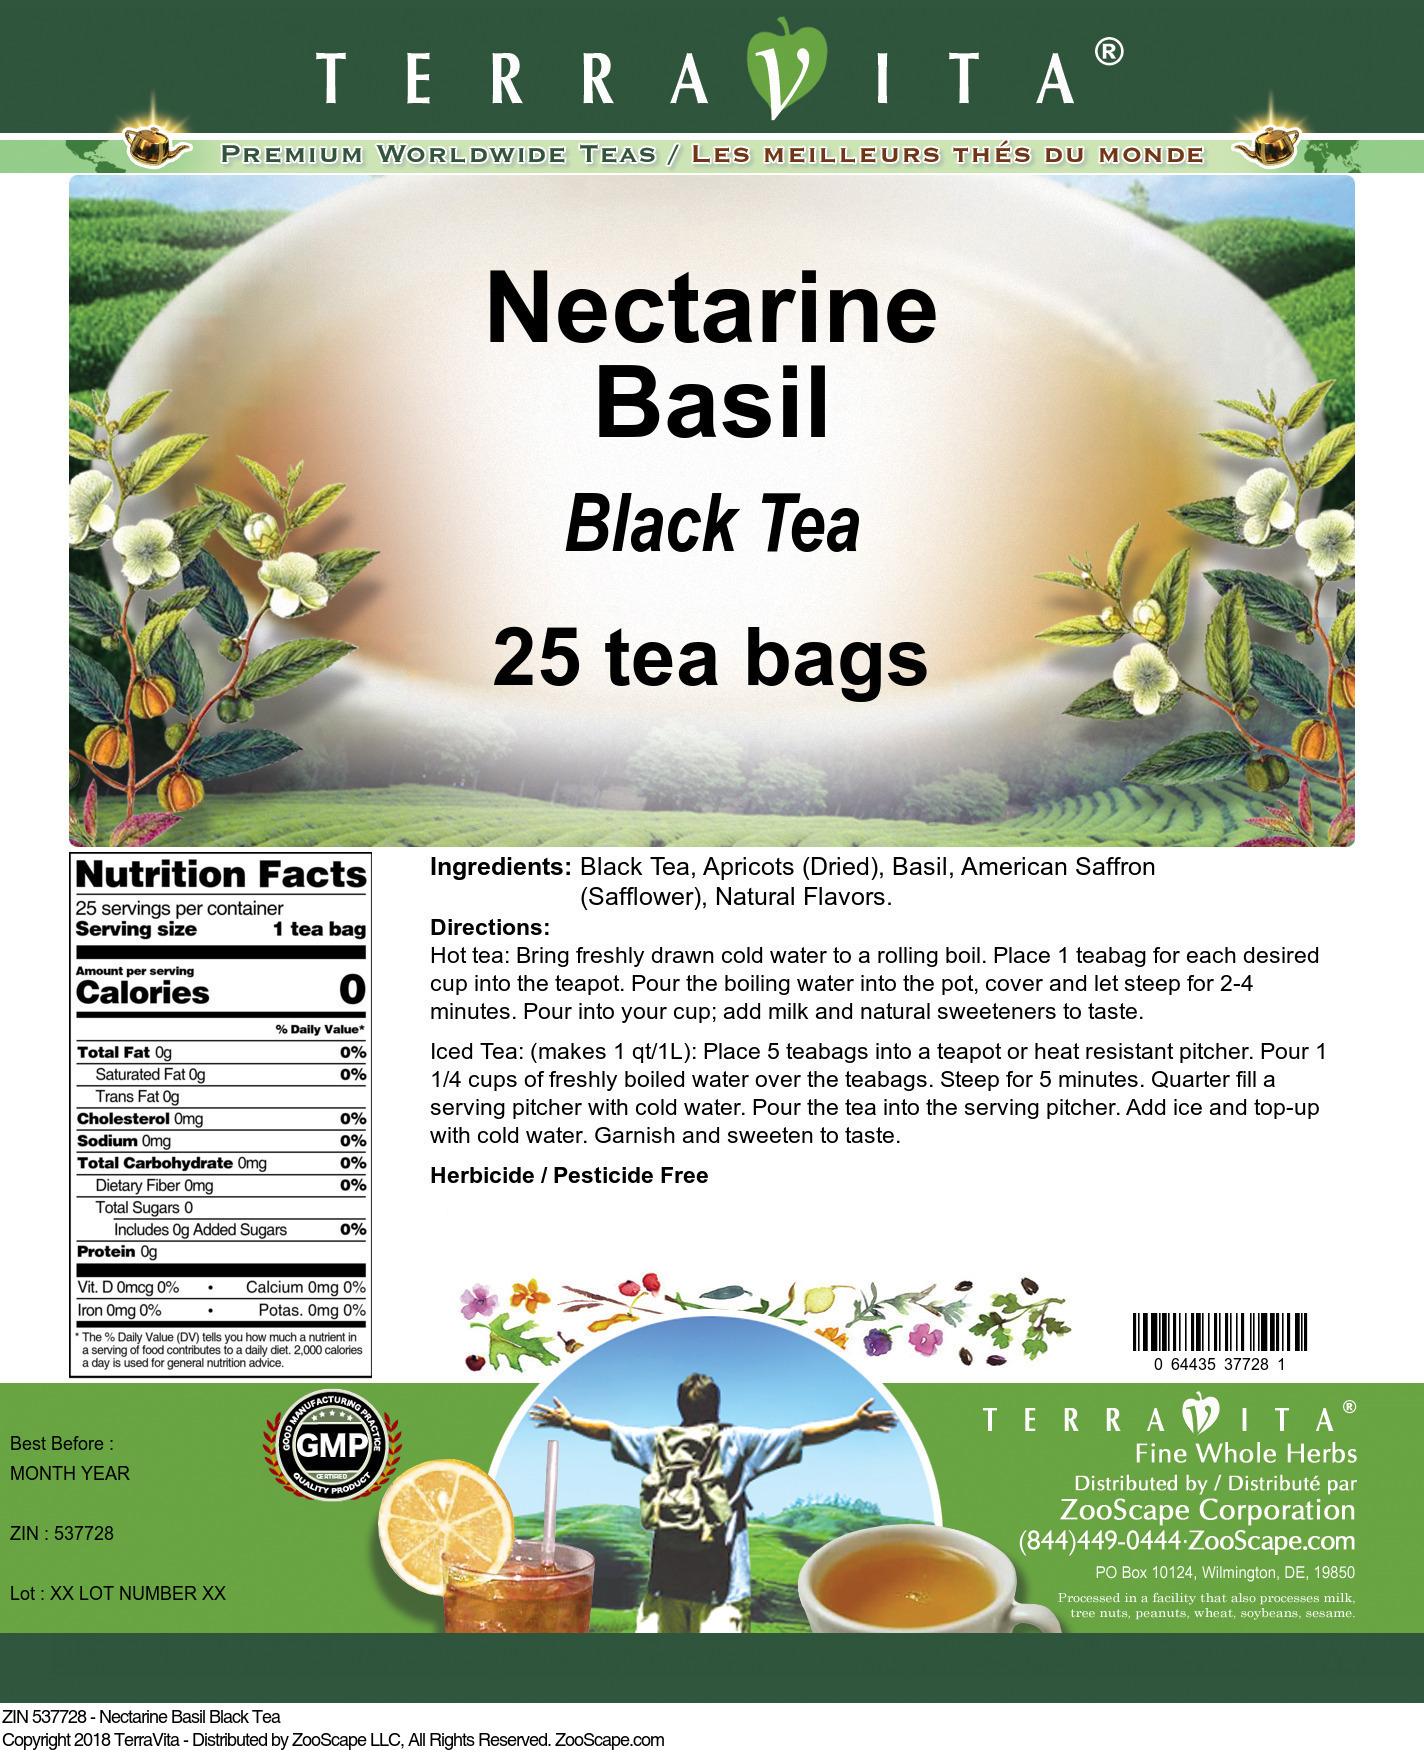 Nectarine Basil Black Tea